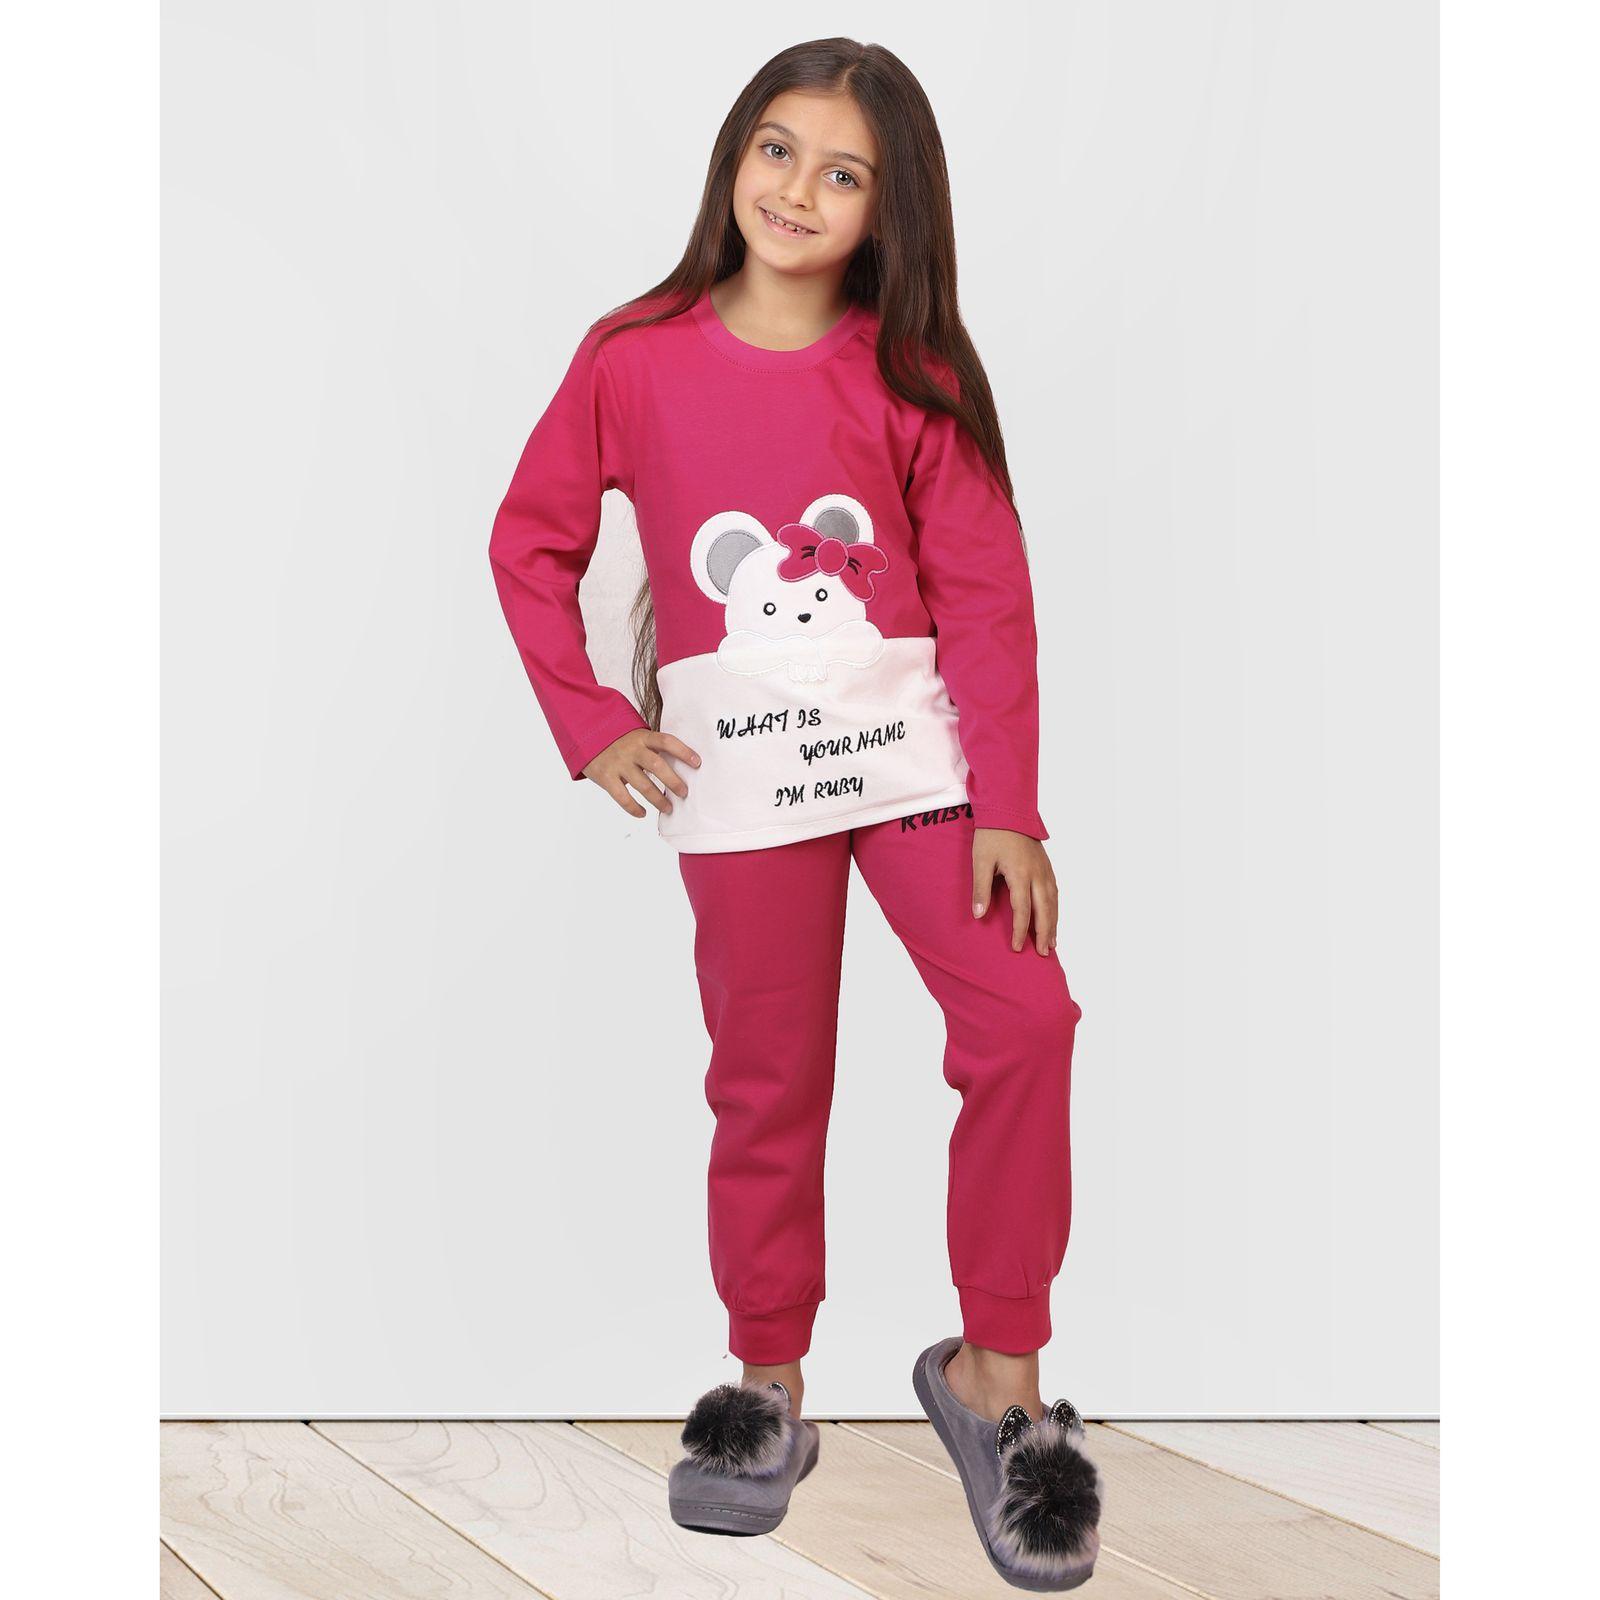 ست تی شرت و شلوار دخترانه مادر مدل 301-66 main 1 12